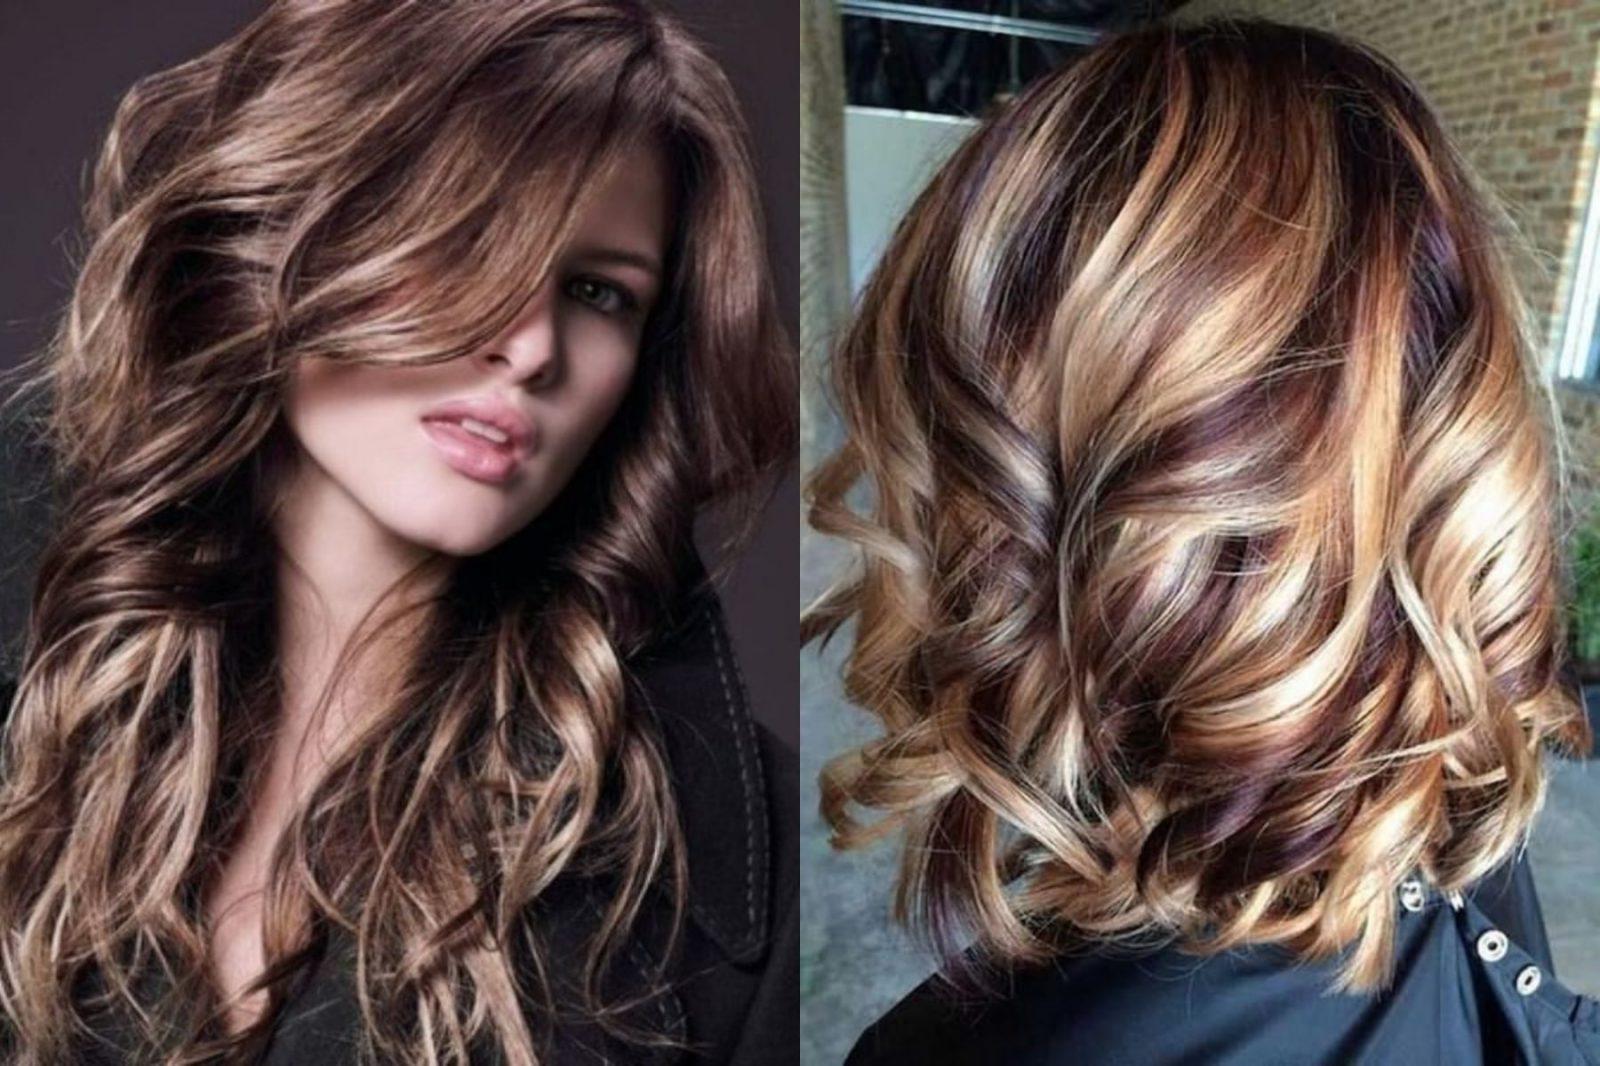 Колорирование и мелирование (45 фото): чем мелирование отличается от колорирования? какой метод окрашивания лучше подойдет для темных волос?